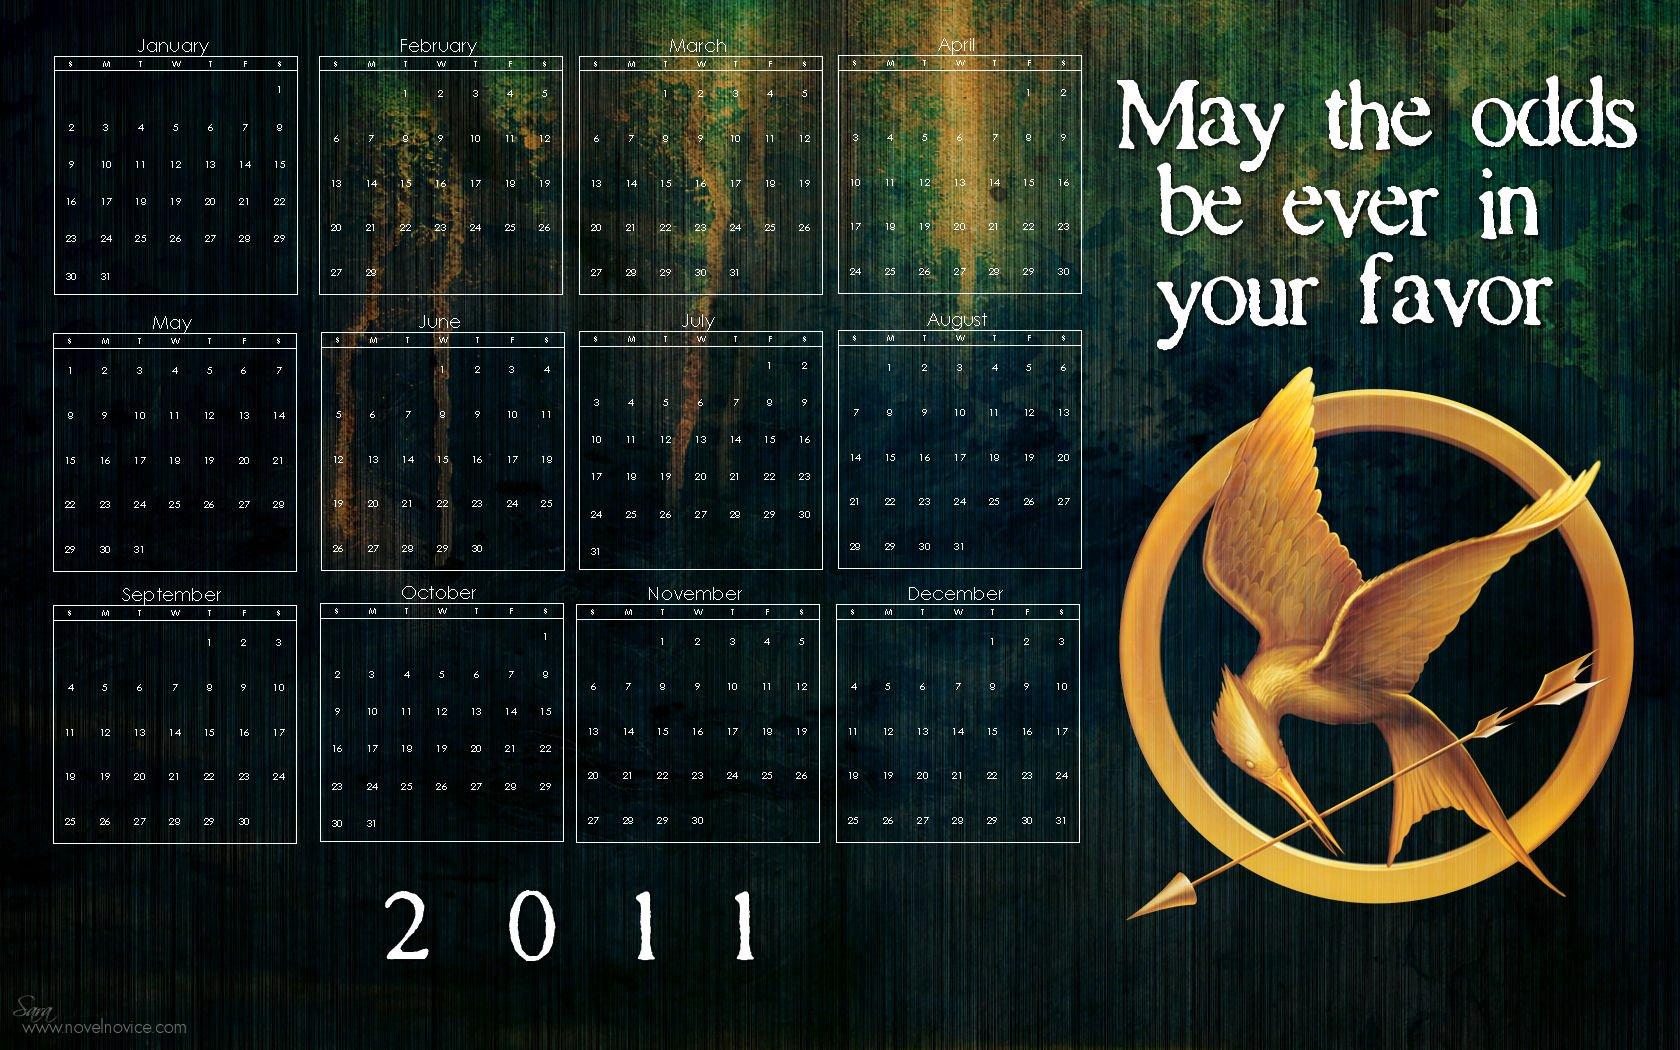 2011 Desktop Wallpaper Calendars for your Favorite Books Novel 1680x1050